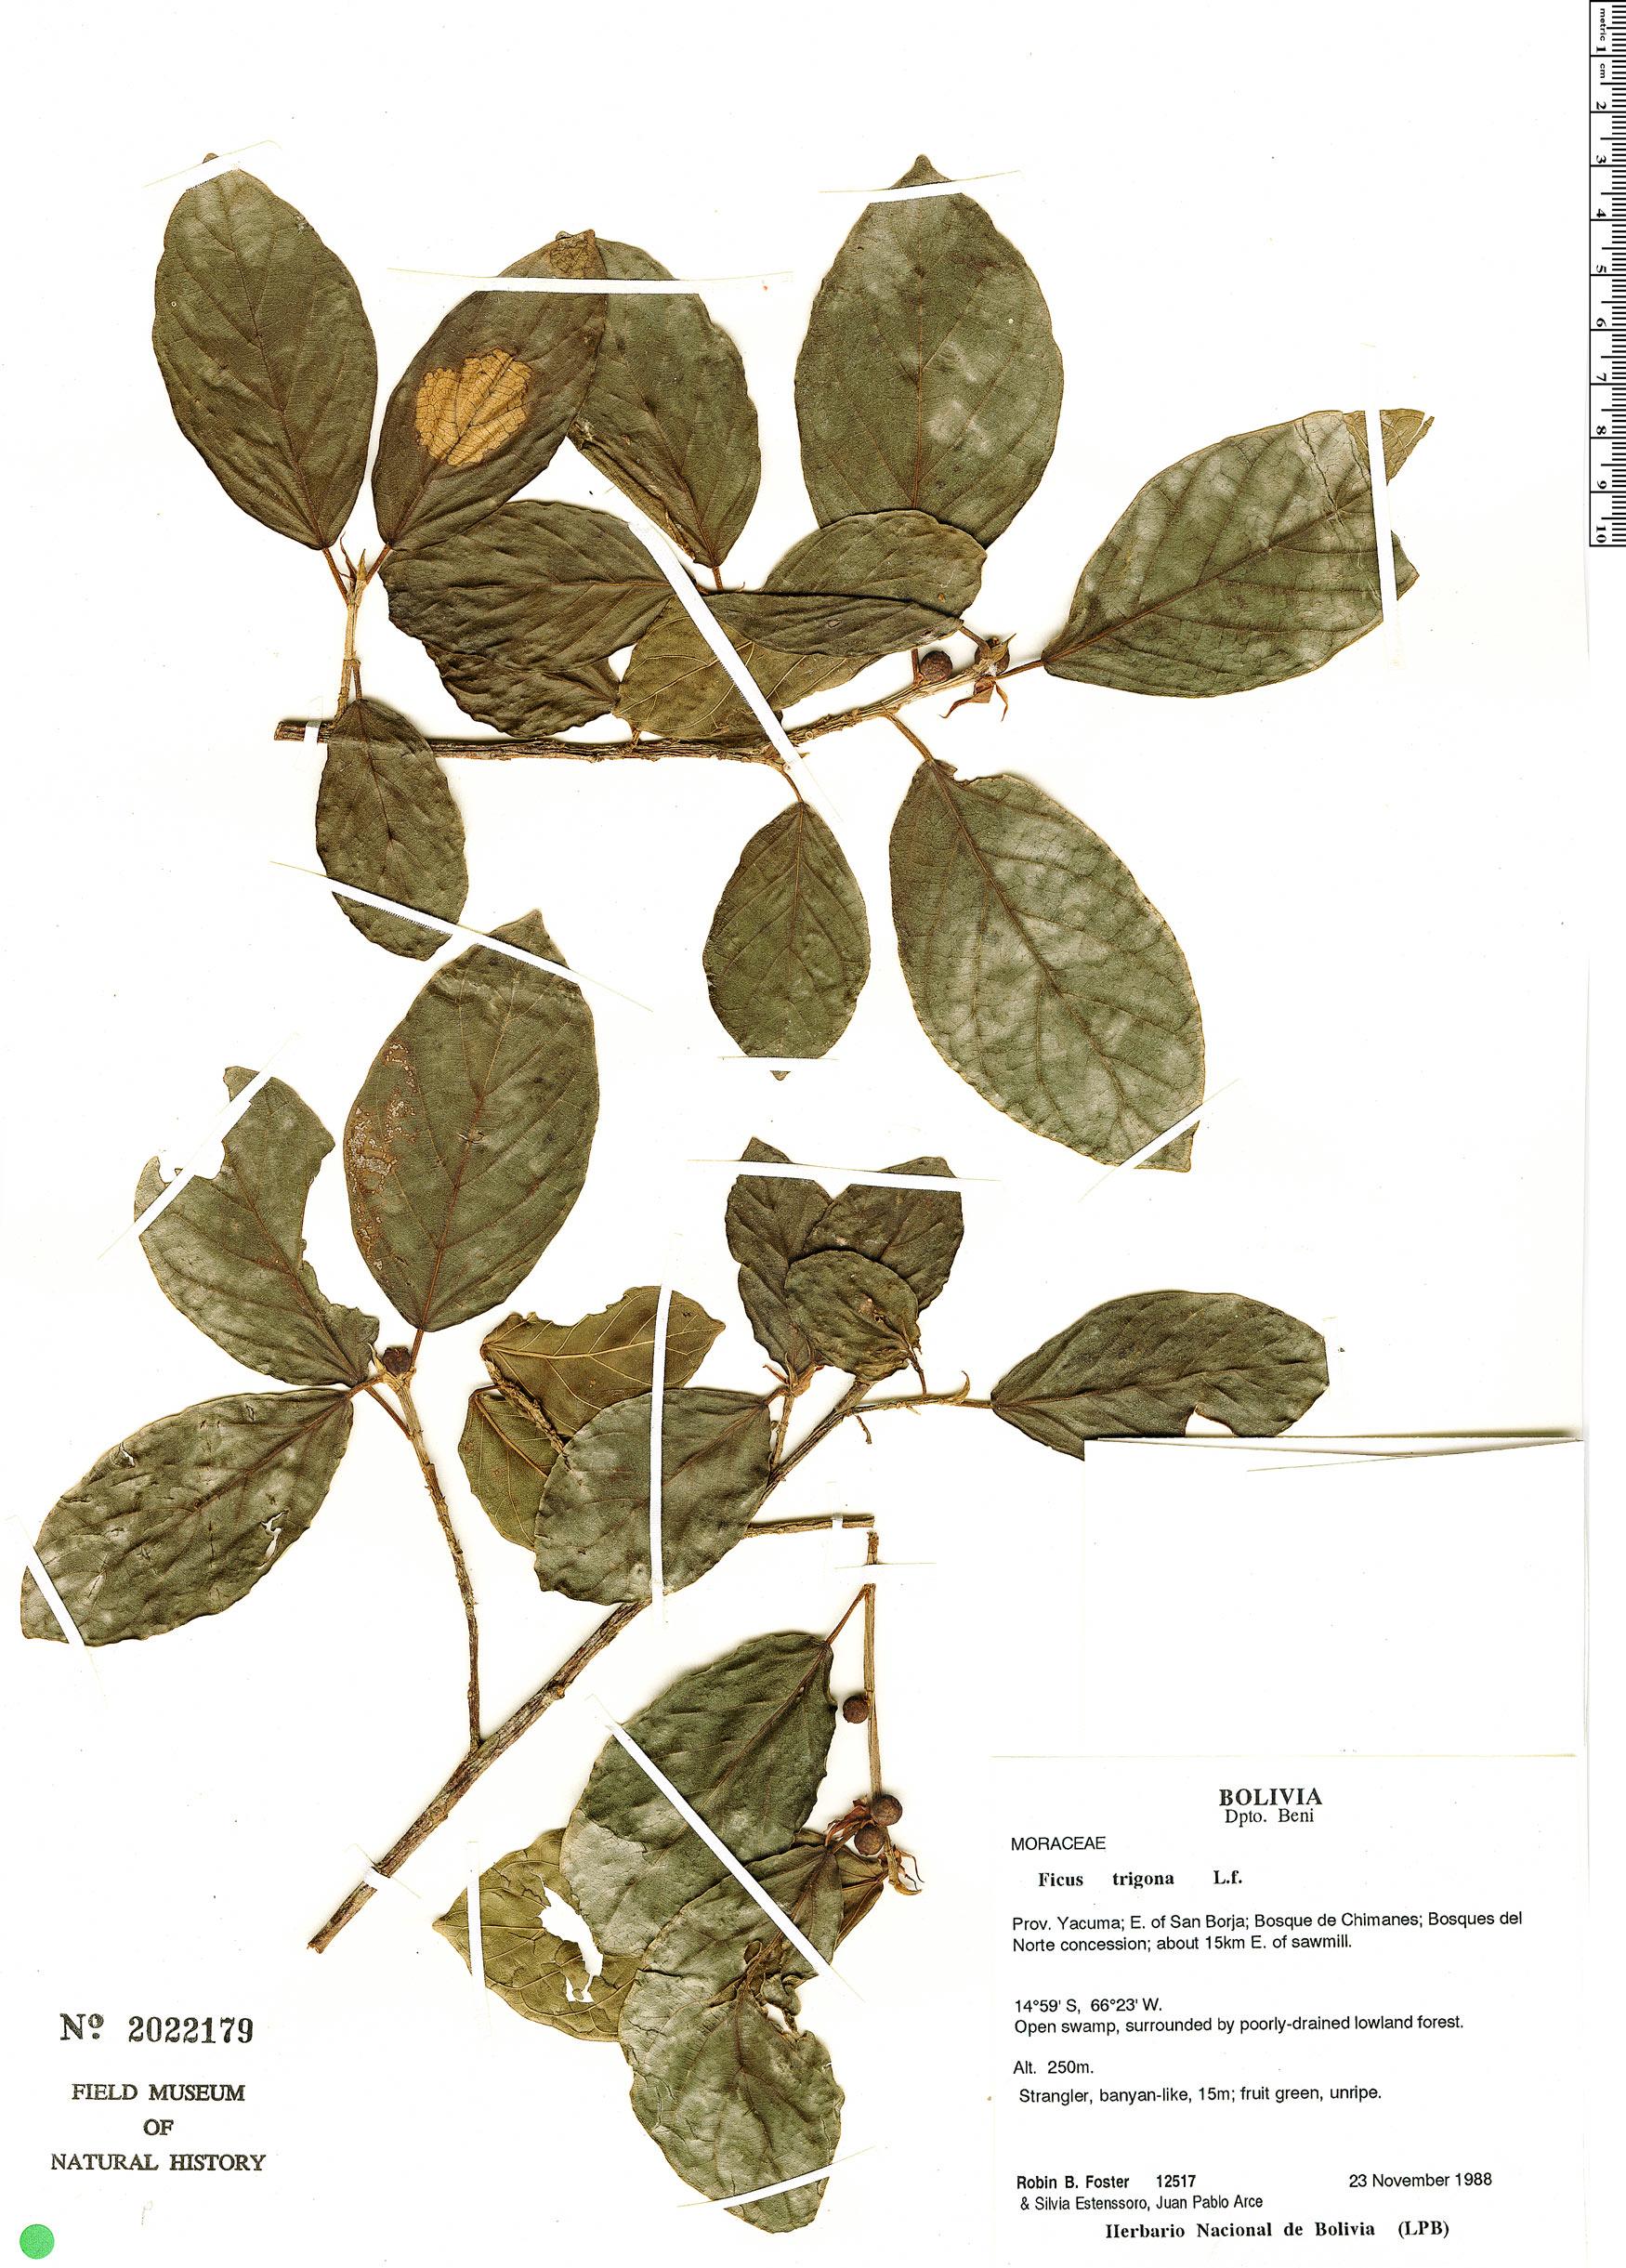 Espécime: Ficus trigona